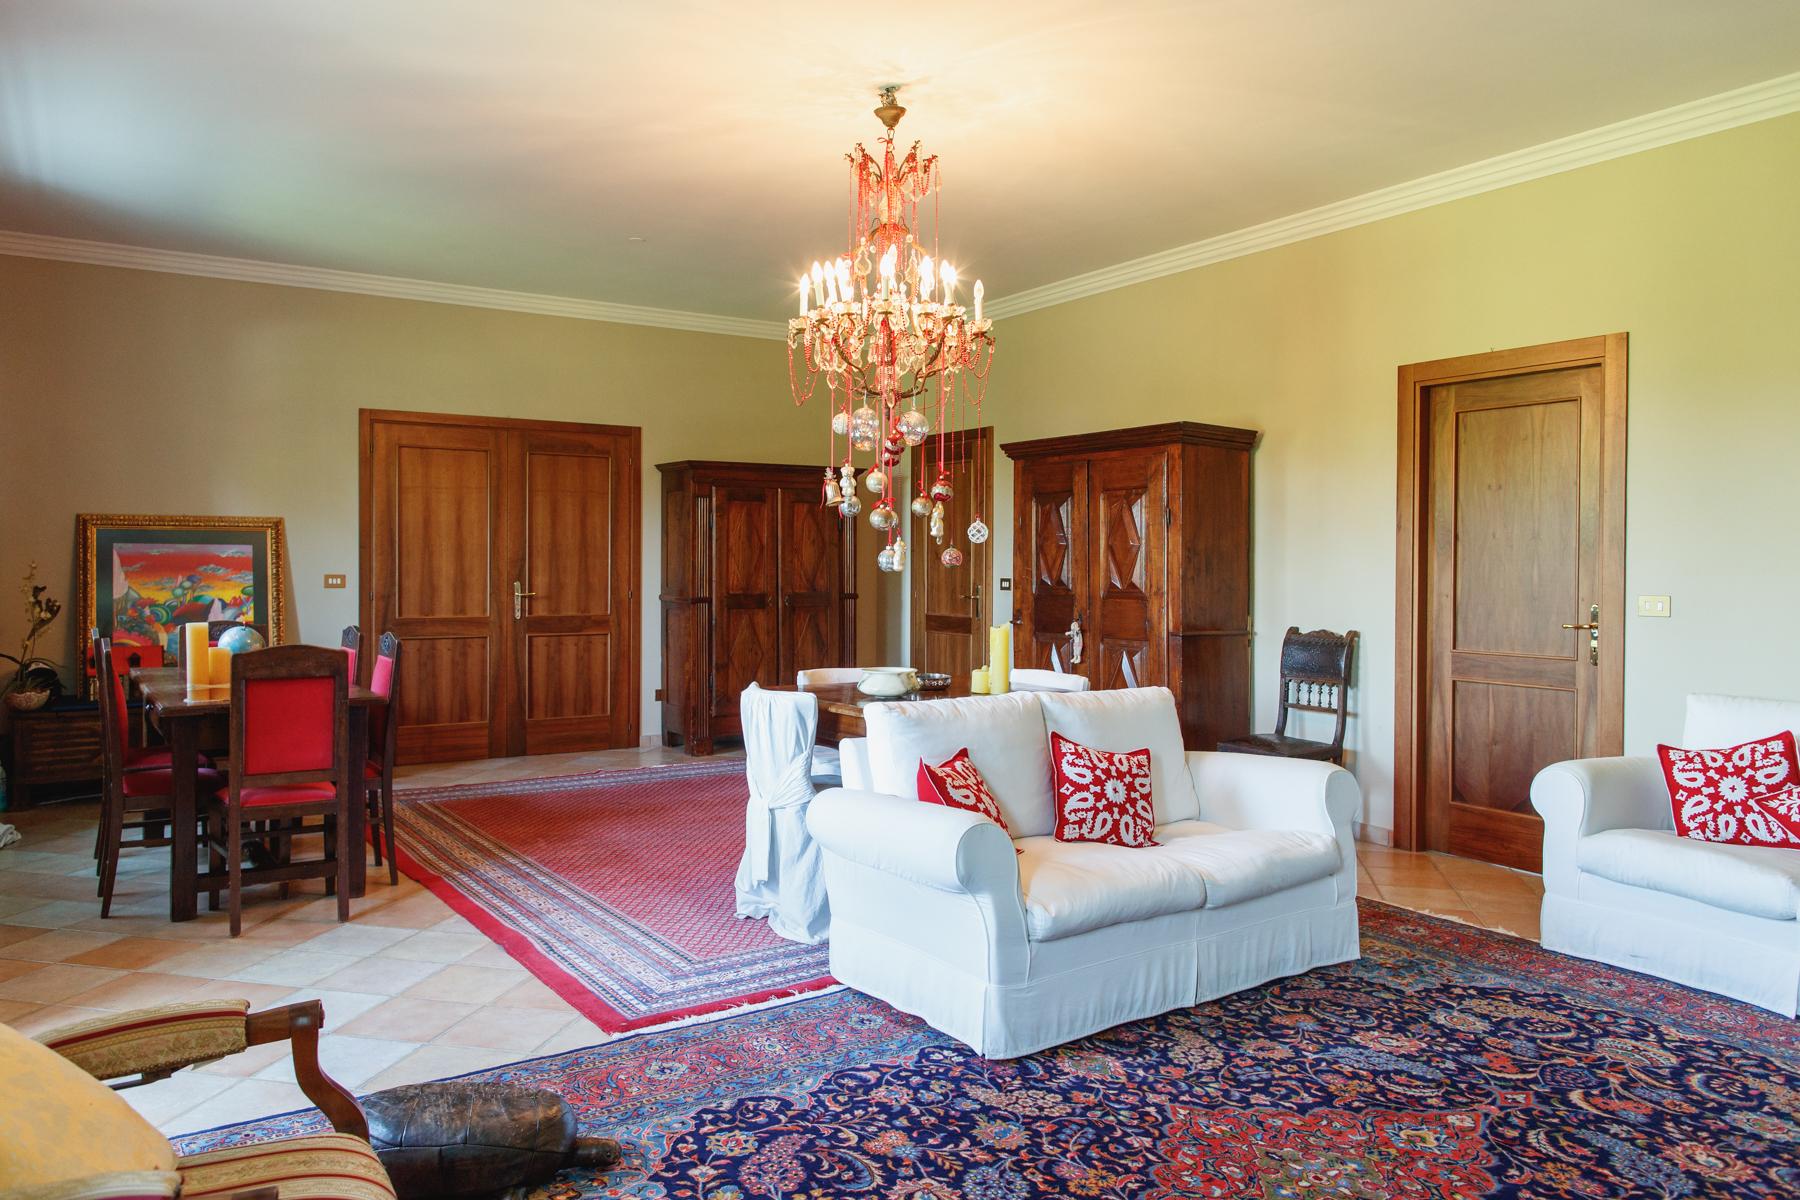 Casa indipendente in Vendita a Moncalieri: 5 locali, 370 mq - Foto 13